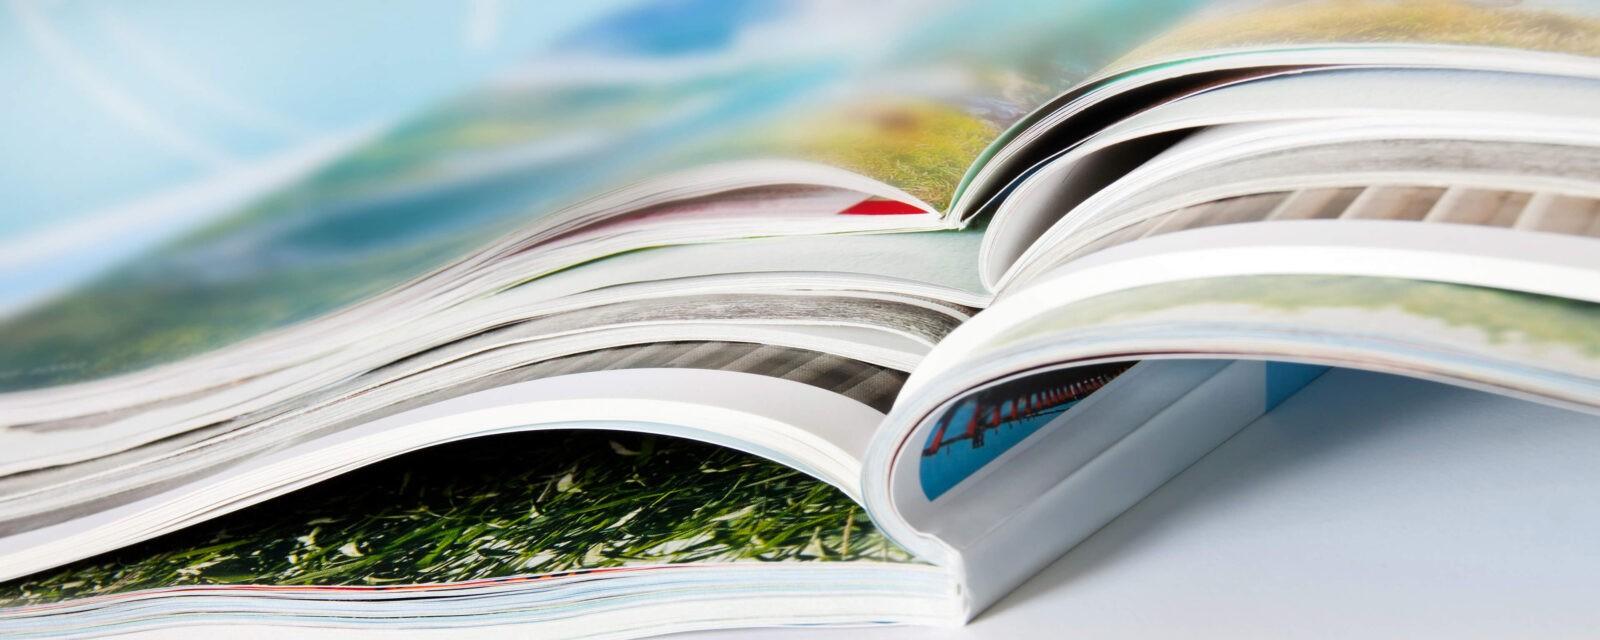 Banner - mehrere Magazine auf einander gestapelt